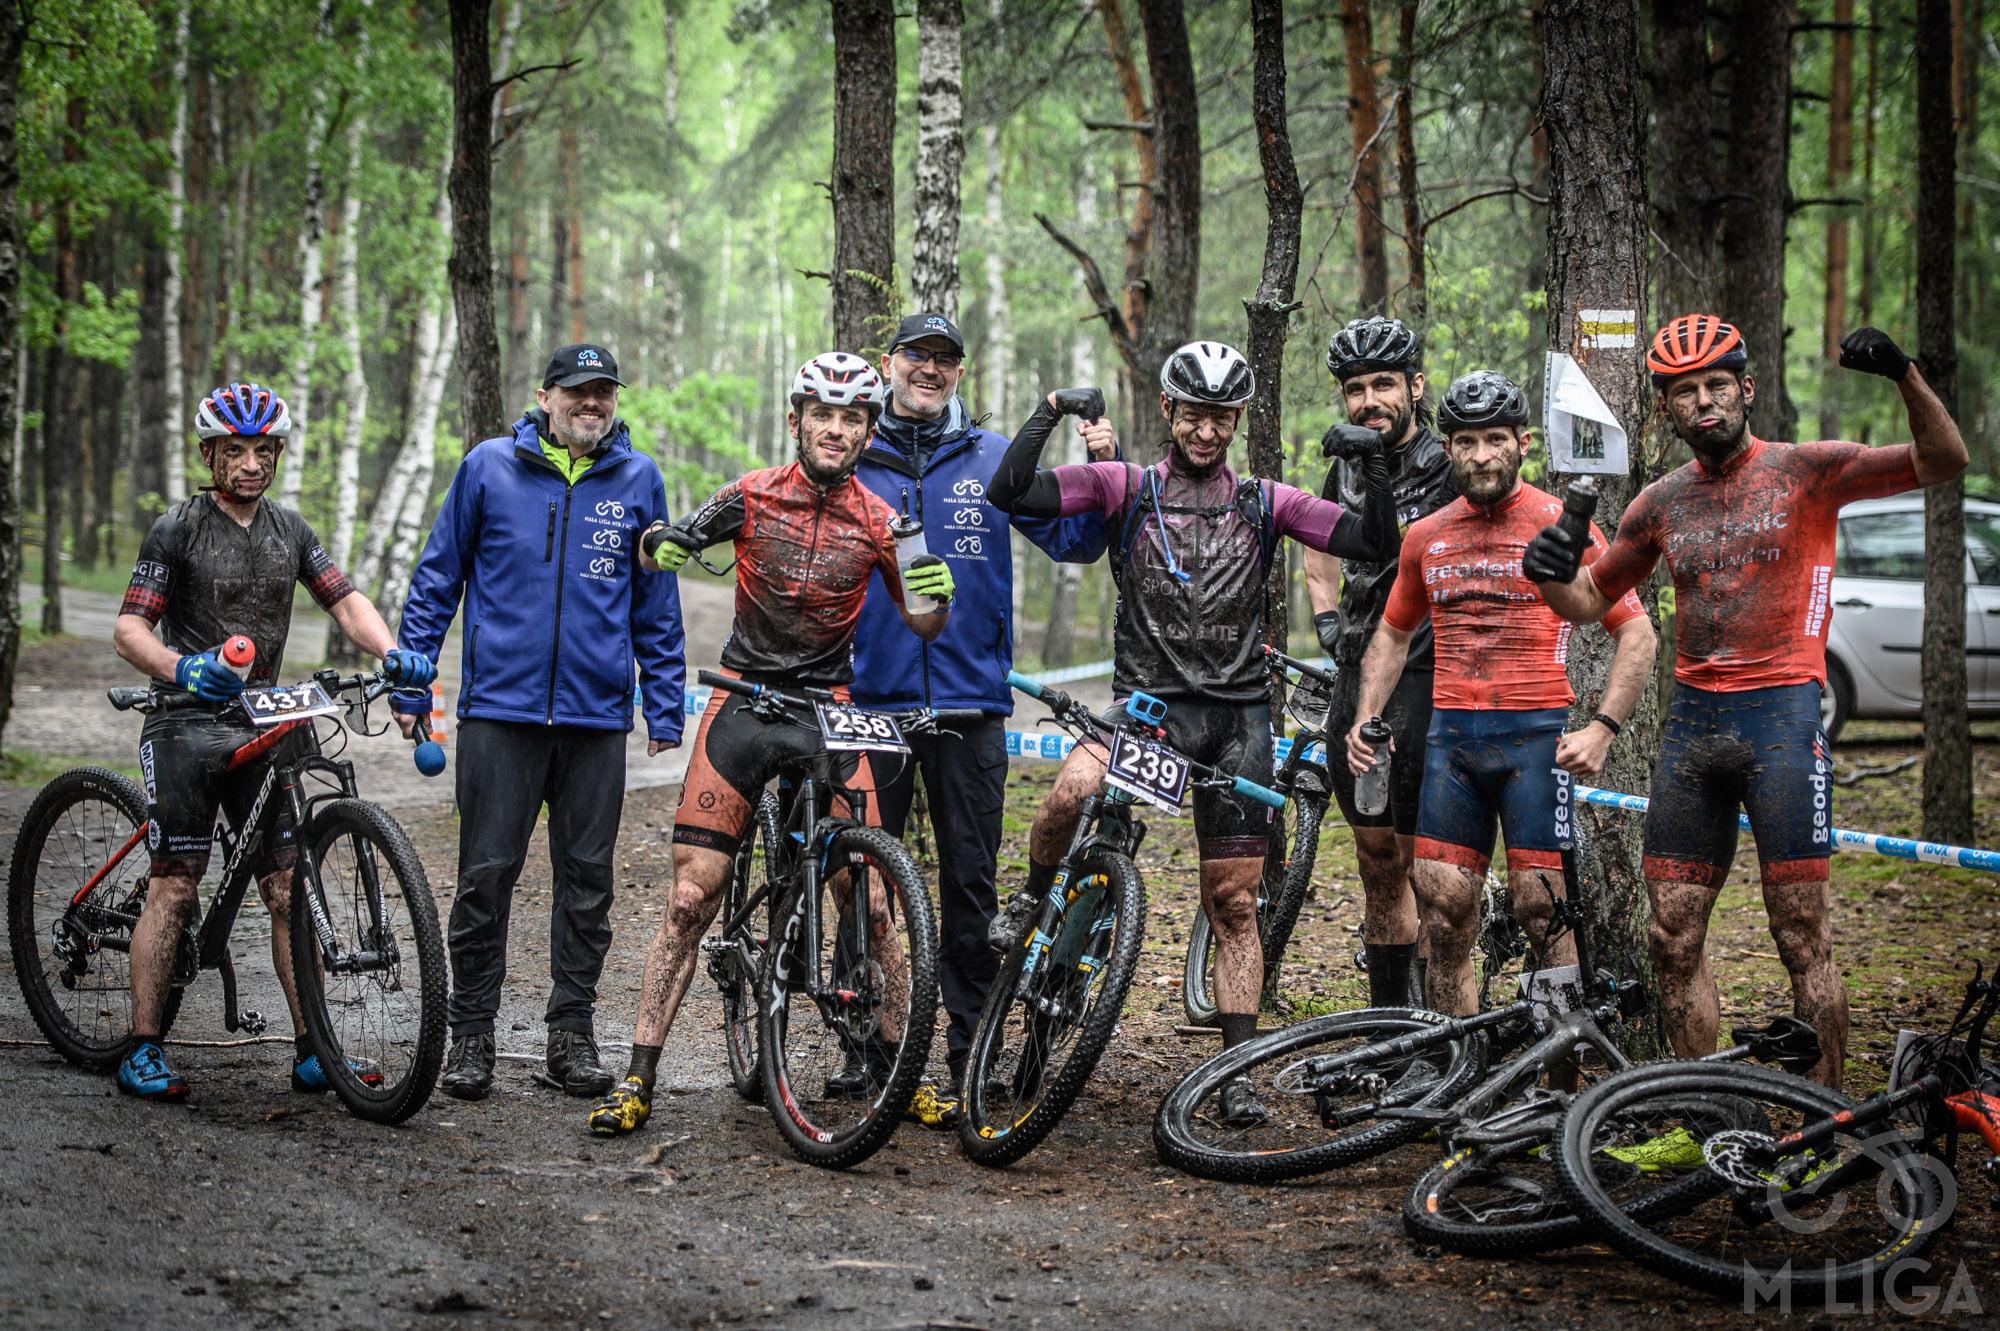 Wyniki – cross country (XCO), maratony MTB (XCM), etapówki (XCS), ultra   22-23 maja 2021